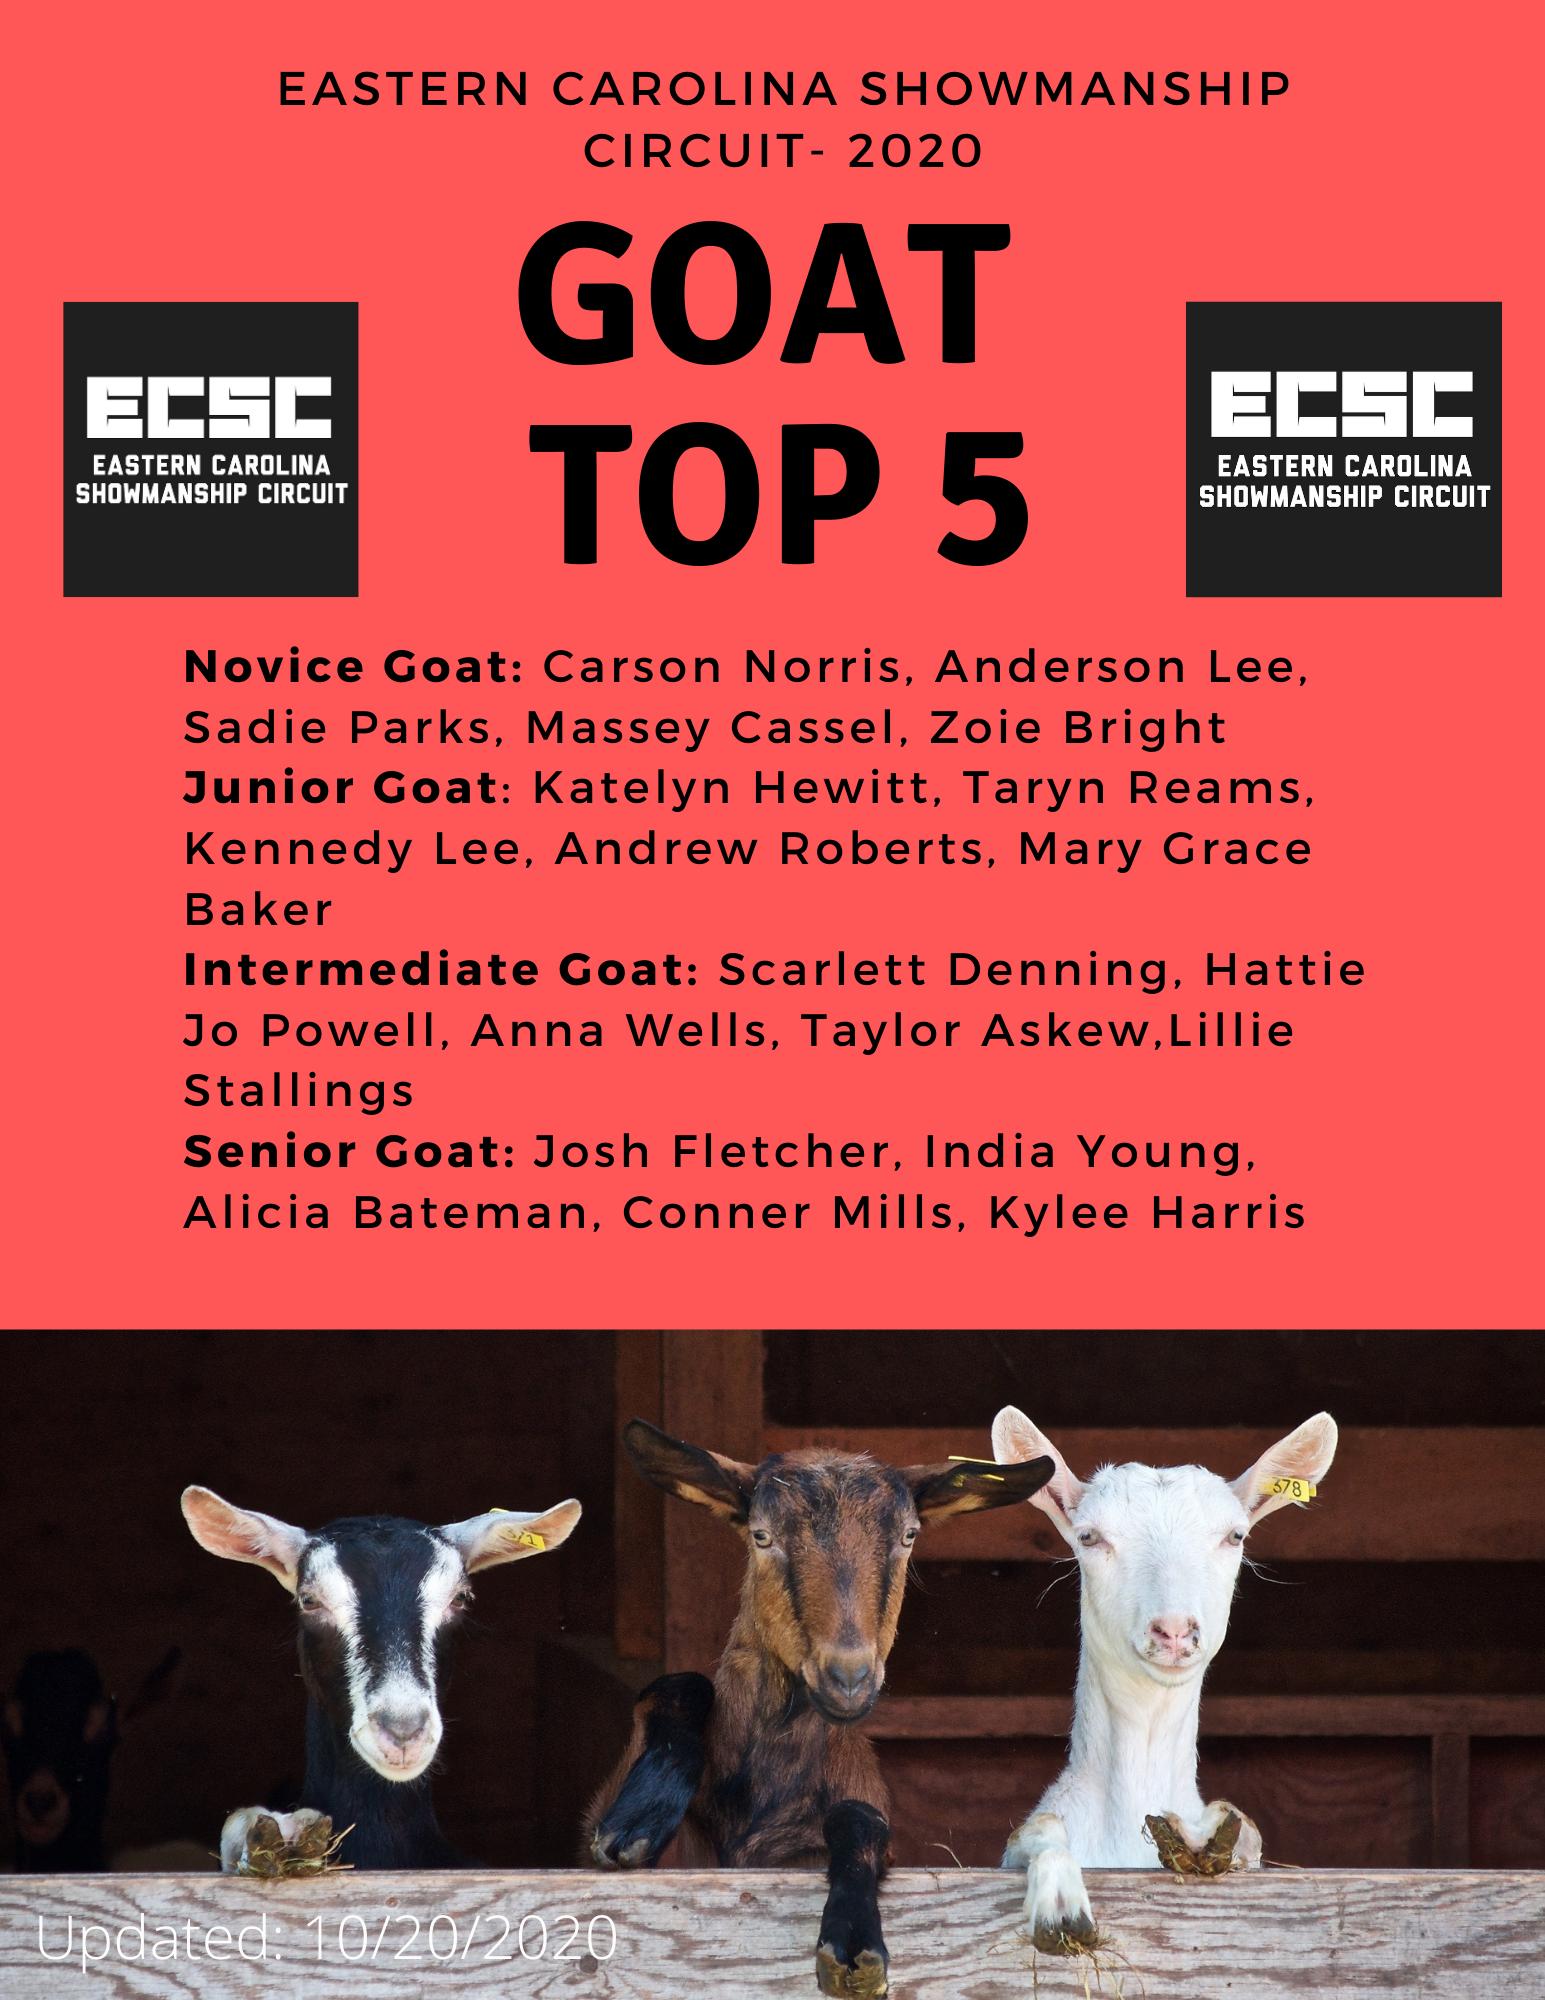 Goat Top 5